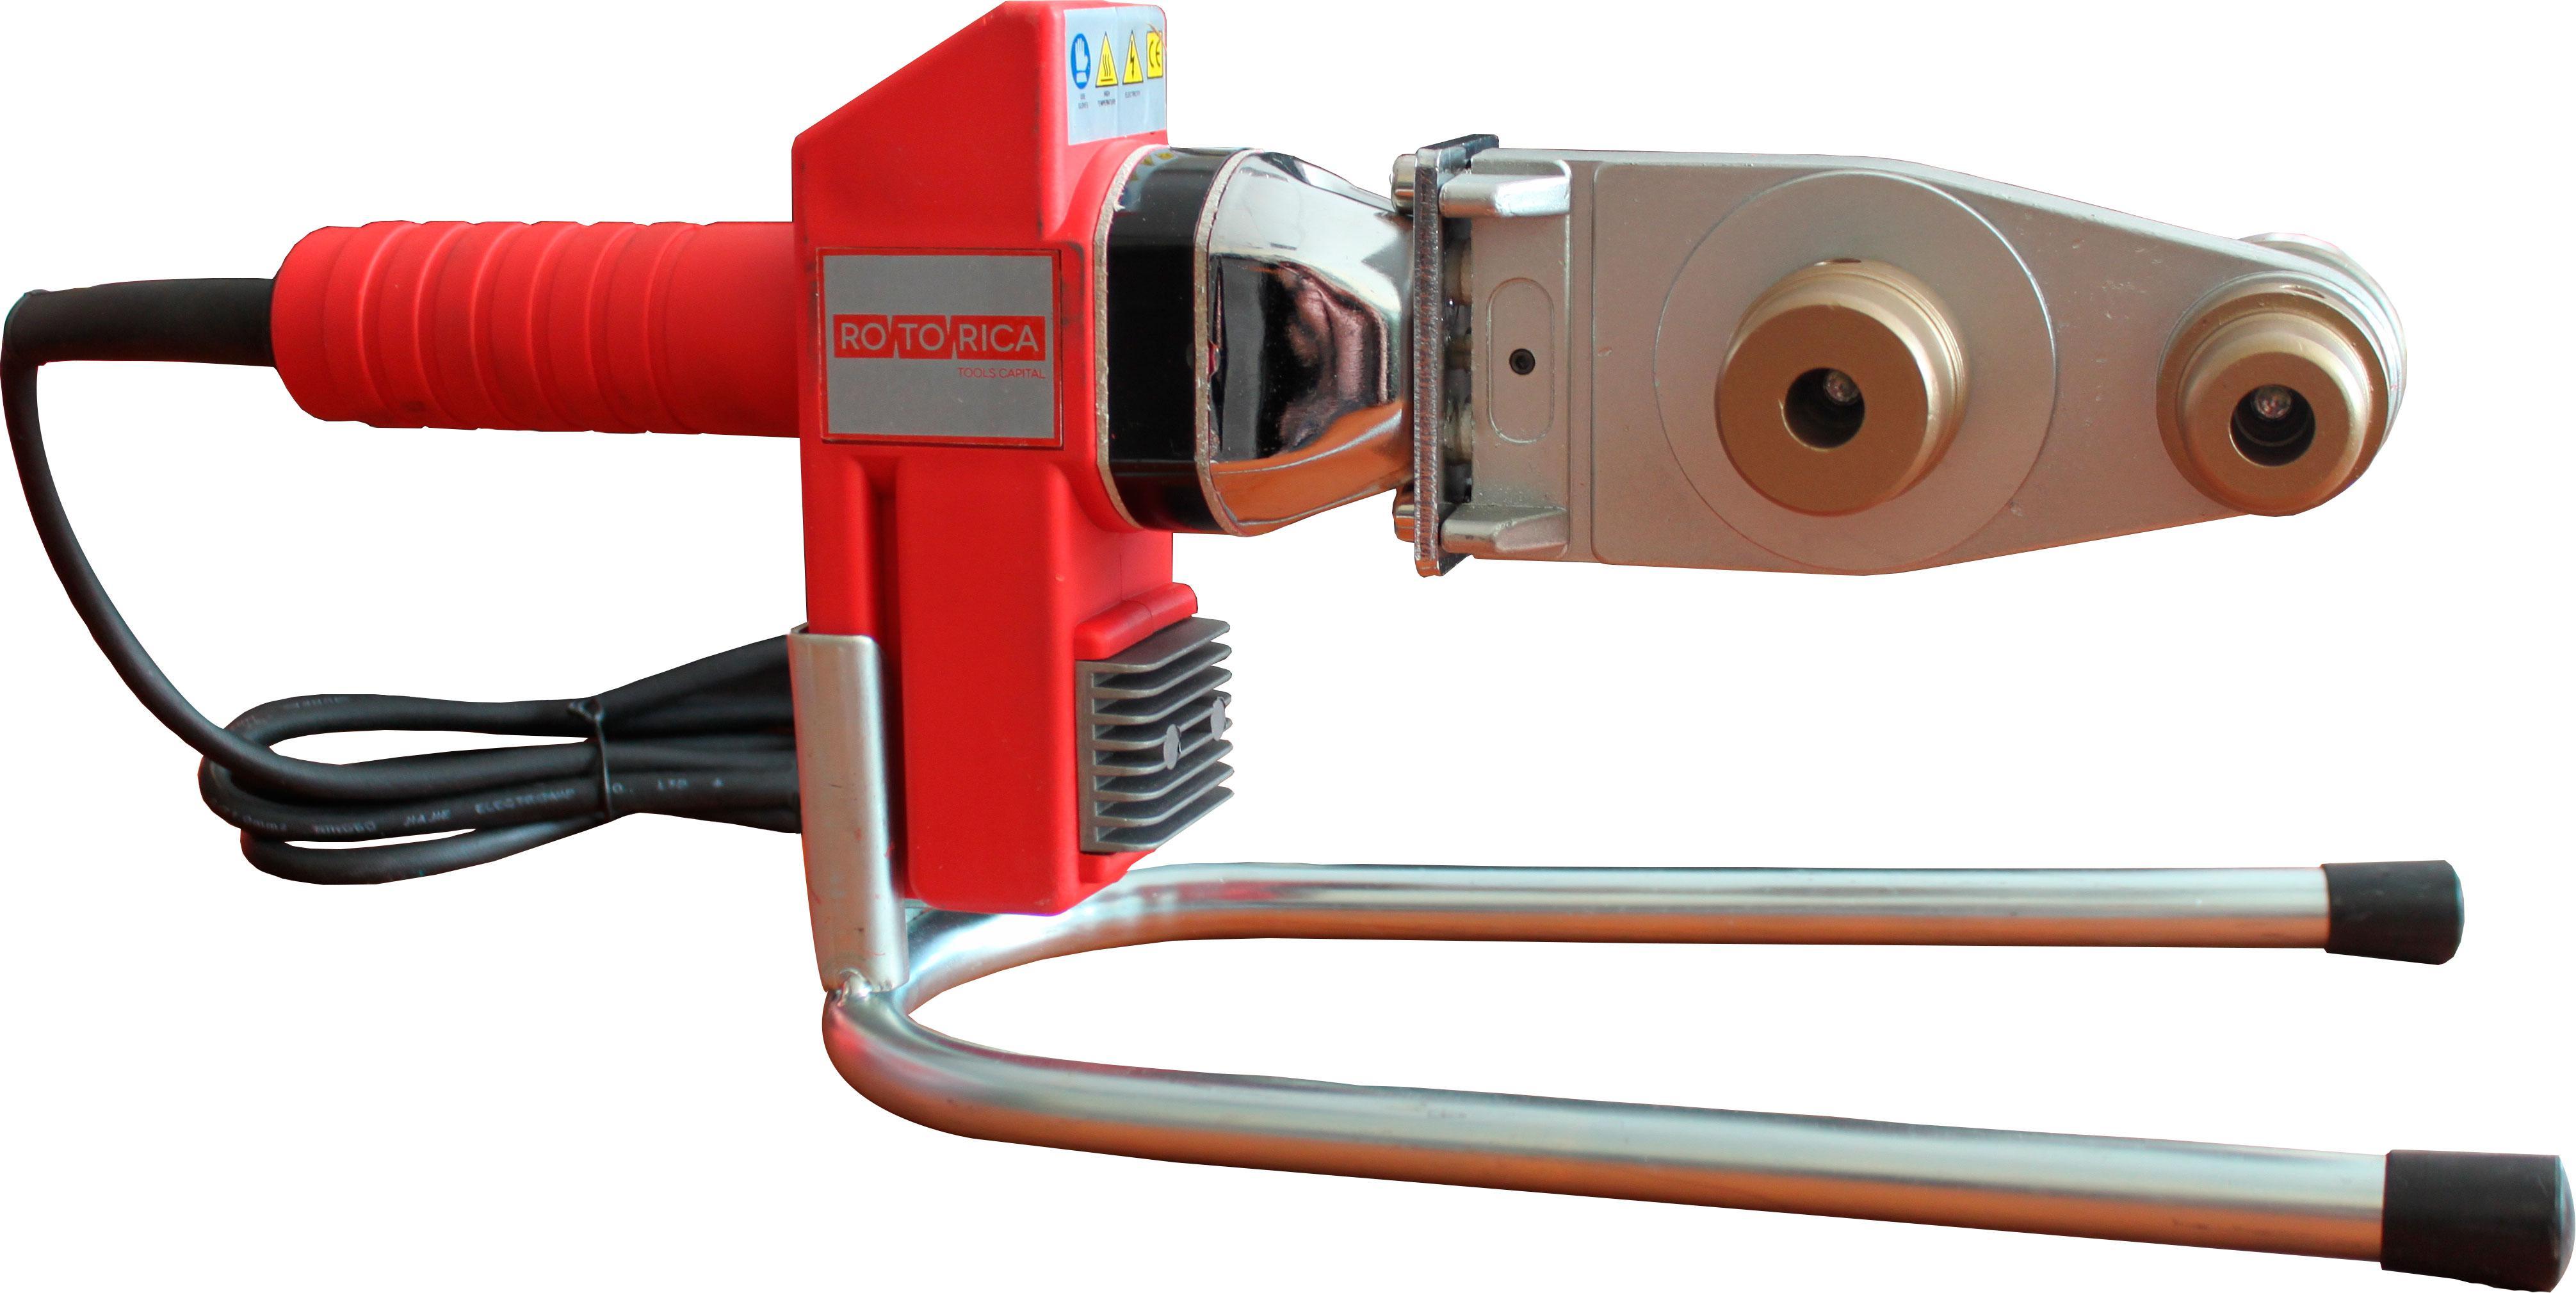 Аппарат для сварки пластиковых труб Rotorica Ct-63gf аппарат для сварки пластиковых труб rotorica ct 63gf